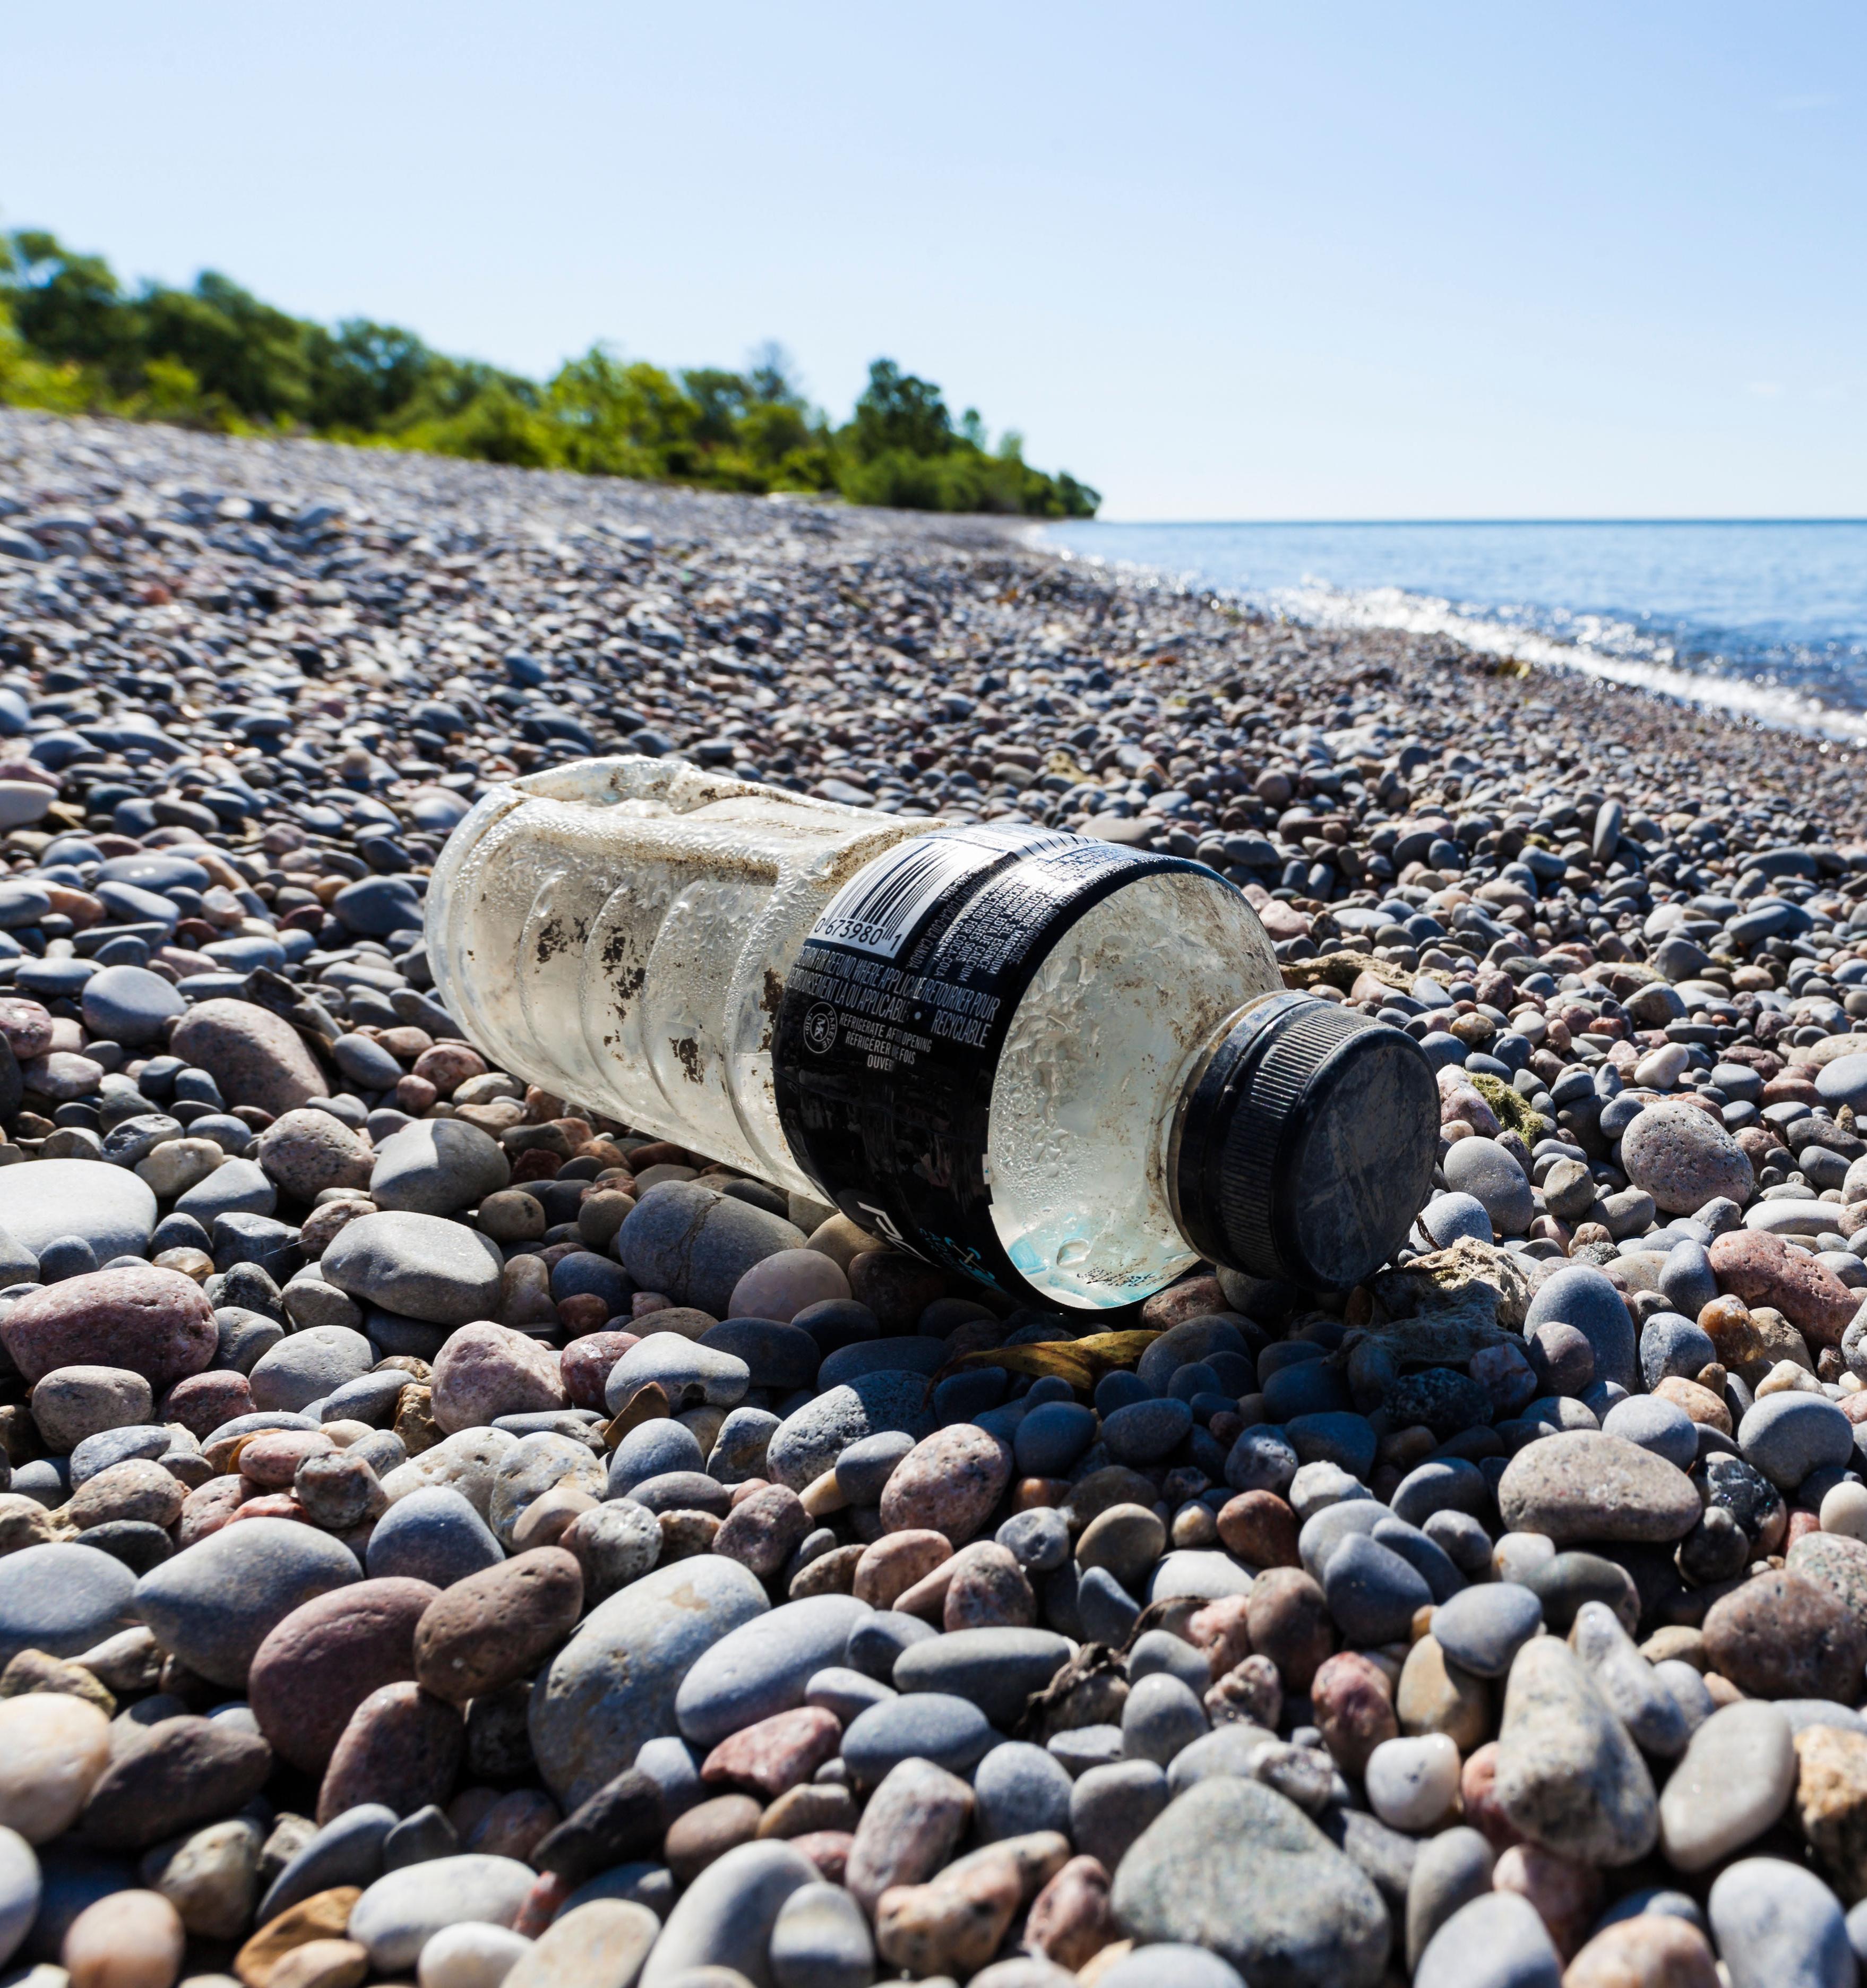 Канада планирует сократить количество отходов вдвое